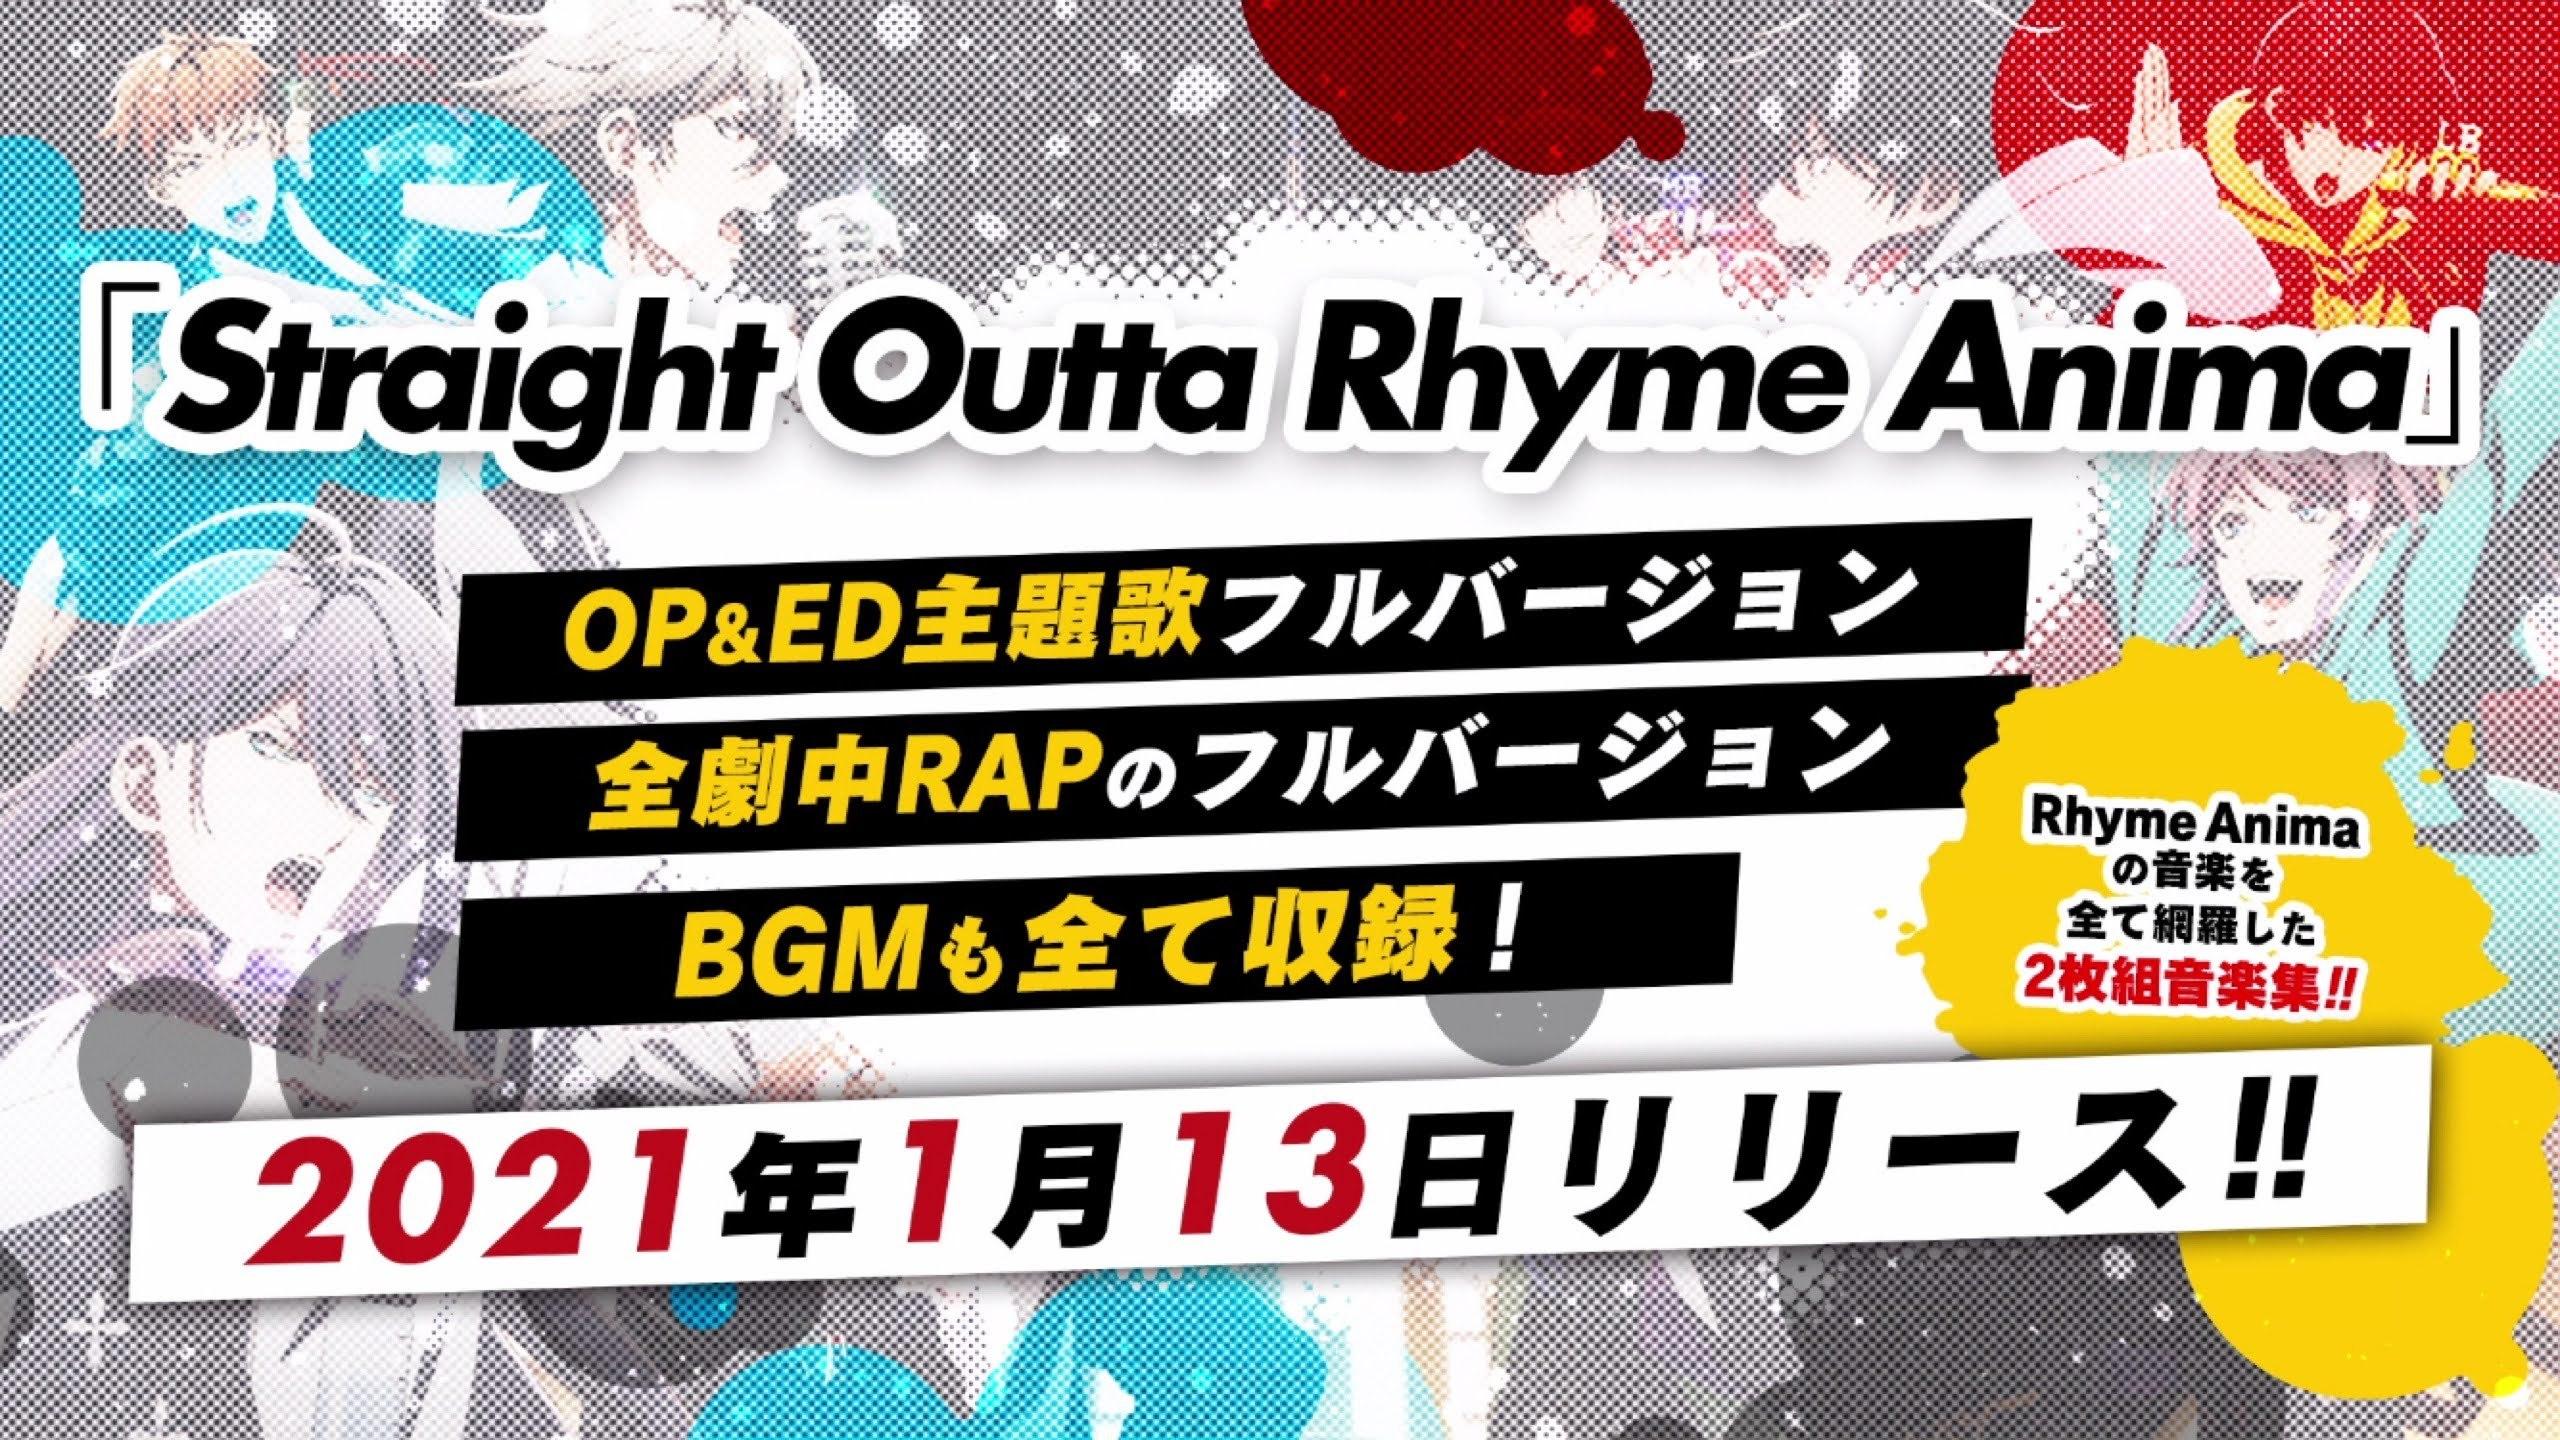 『ヒプノシスマイク-Division Rap Battle-』Rhyme Anima音楽集 発売告知 (C)『ヒプノシスマイク-Division Rap Battle-』Rhyme Anima製作委員会